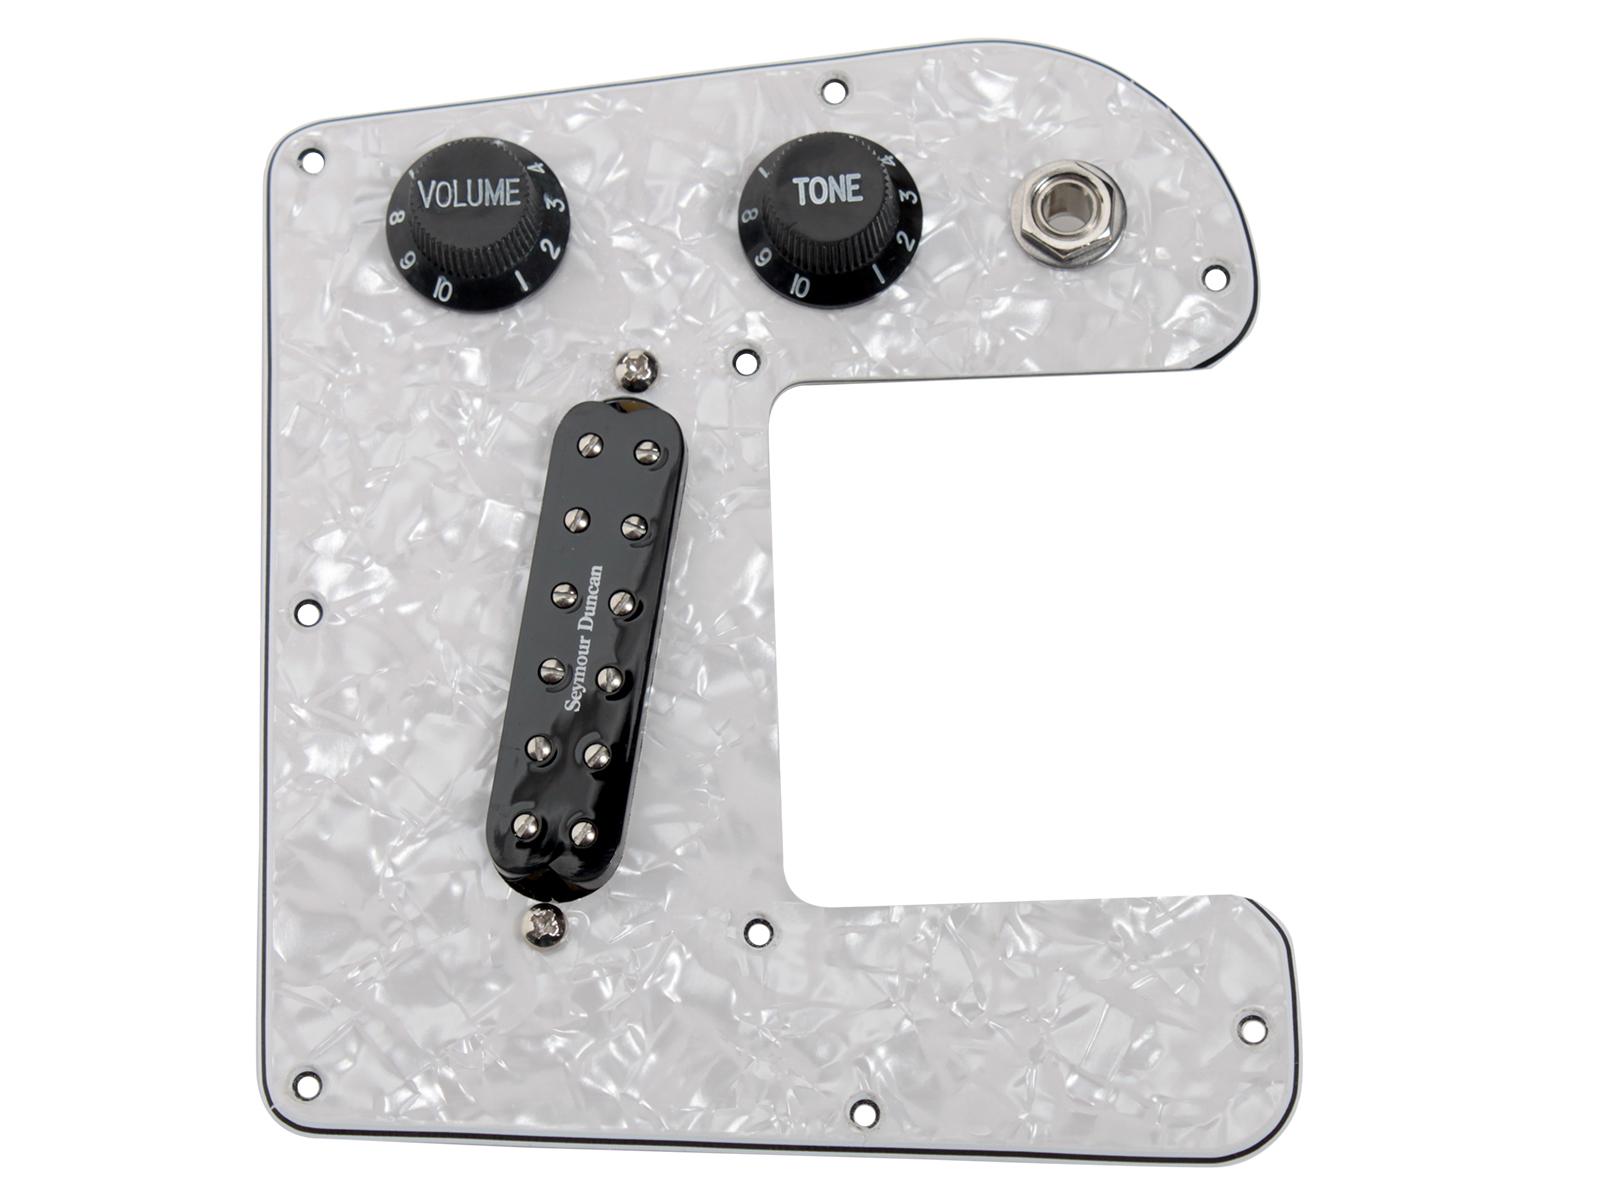 920d custom shop rogue steel loaded pickguard seymour duncan 59 ebay